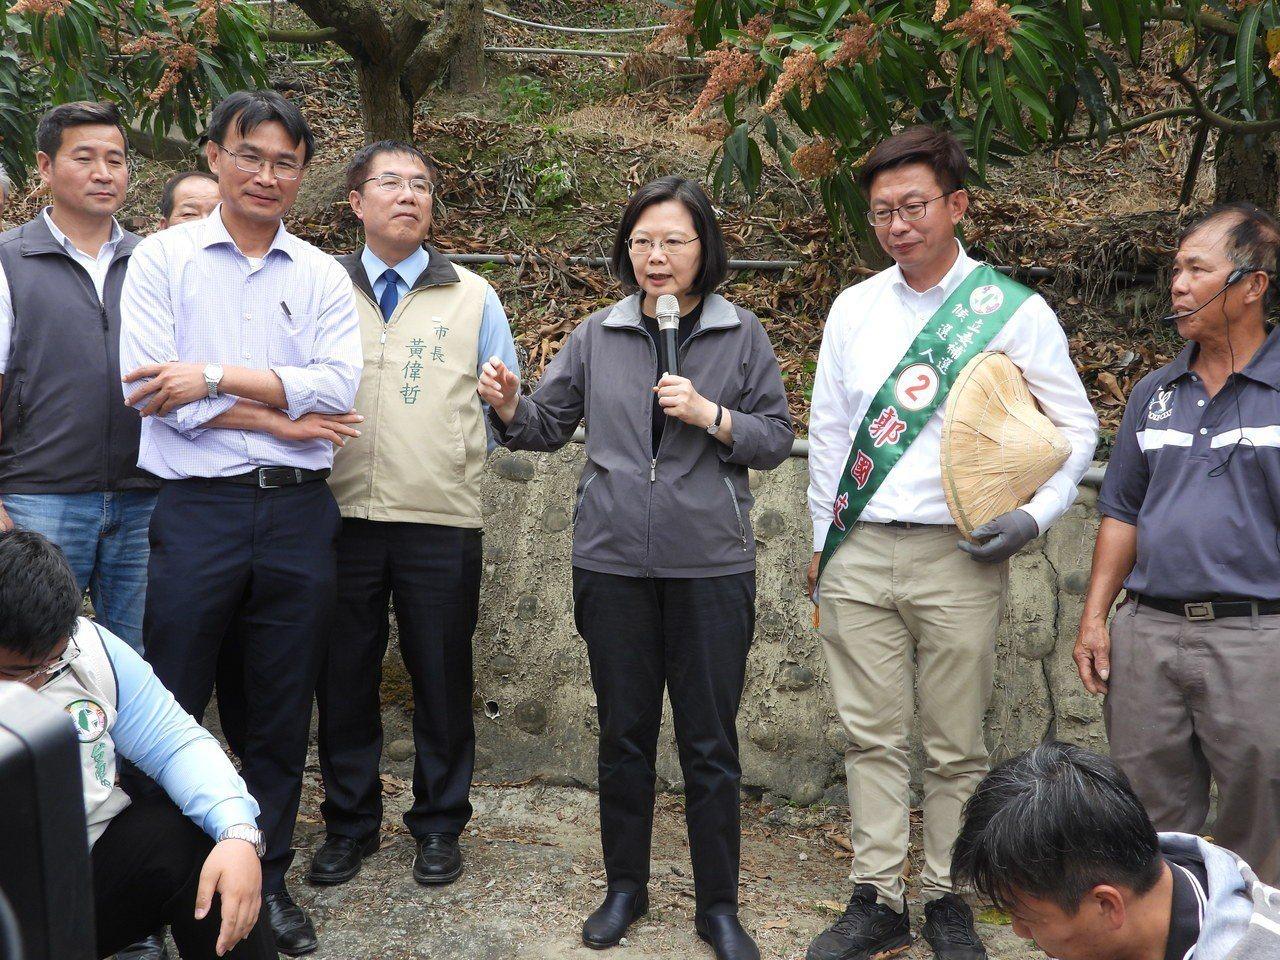 總統蔡英文為郭國文打氣,大力稱讚他的環保橡皮擦文宣。記者周宗禎/攝影